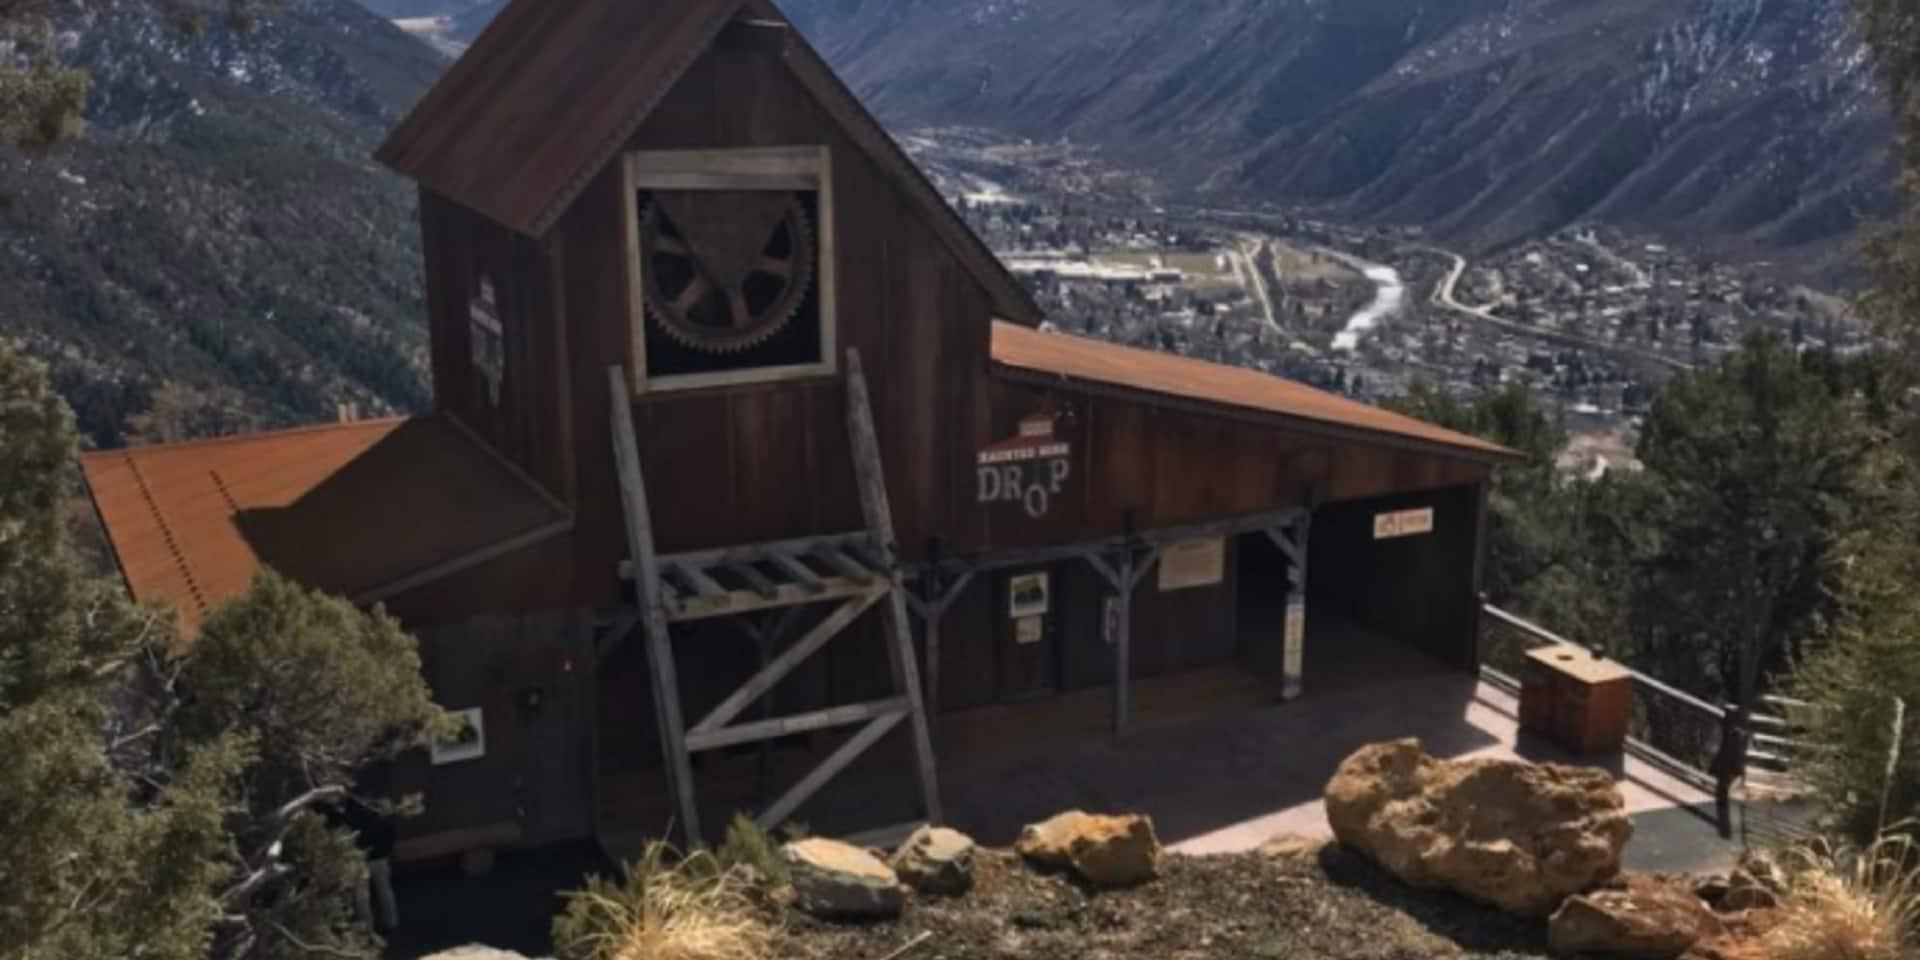 Une fillette de 6 ans meurt en tombant d'une attraction spectaculaire de 33m de haut